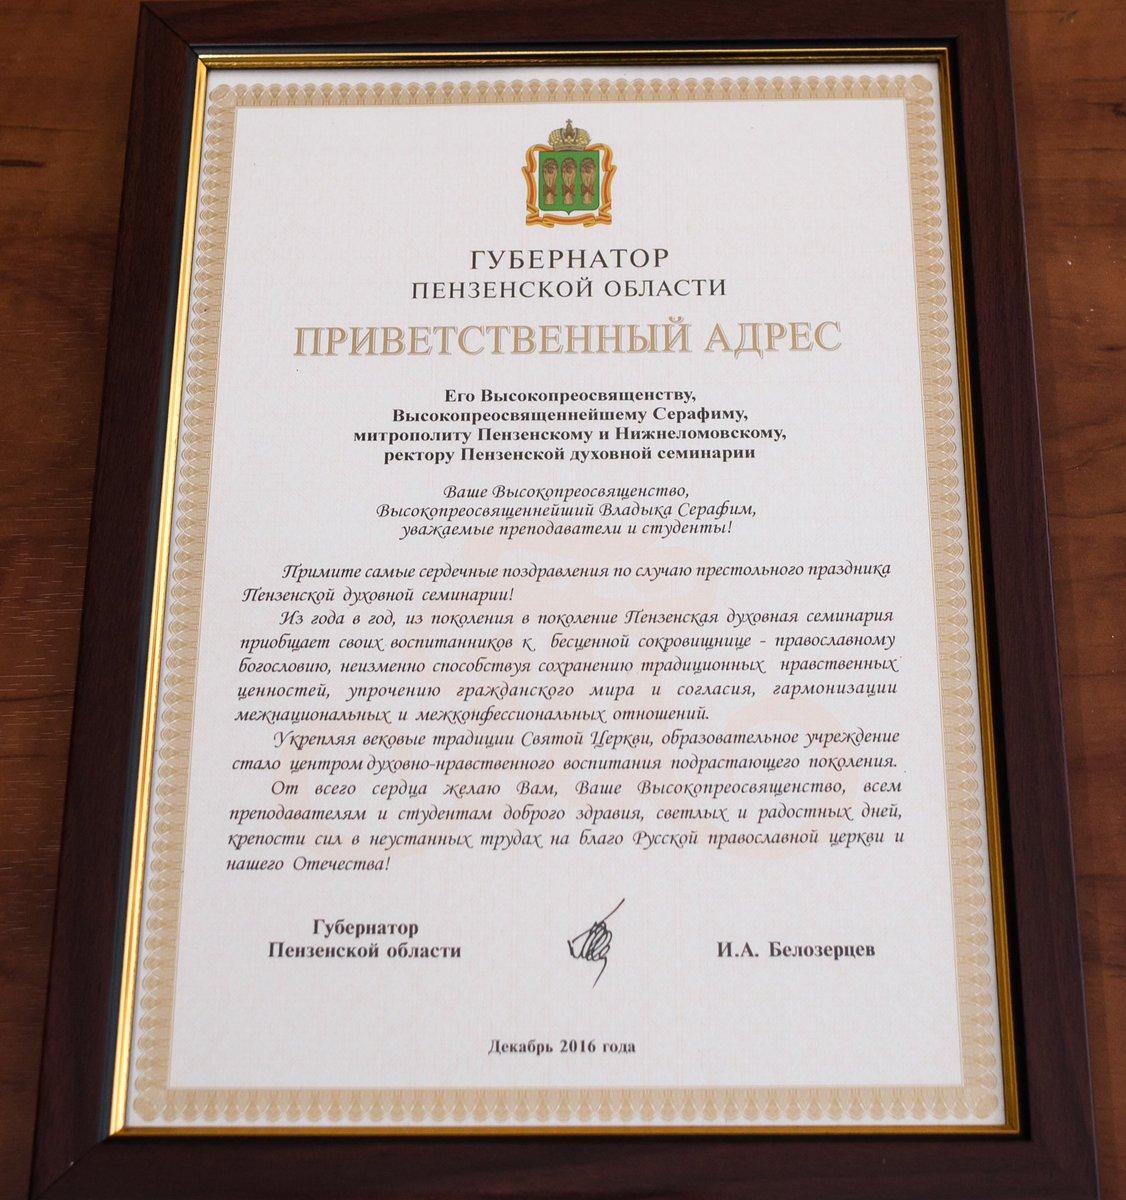 Поздравление с 50 летием губернатора